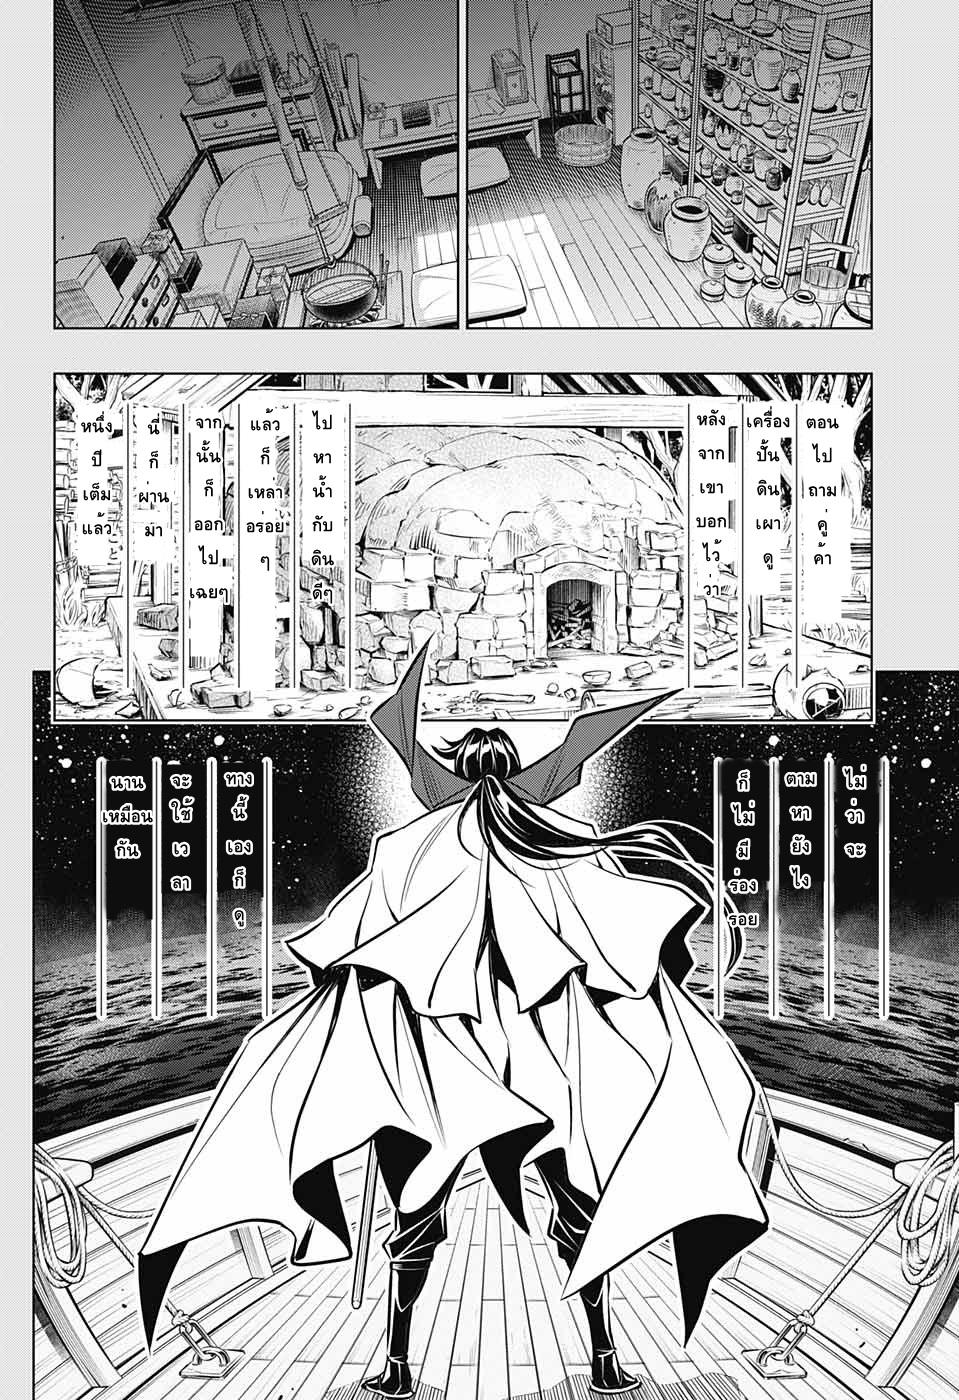 อ่านการ์ตูน Rurouni Kenshin: Hokkaido Arc ตอนที่ 13 หน้าที่ 6